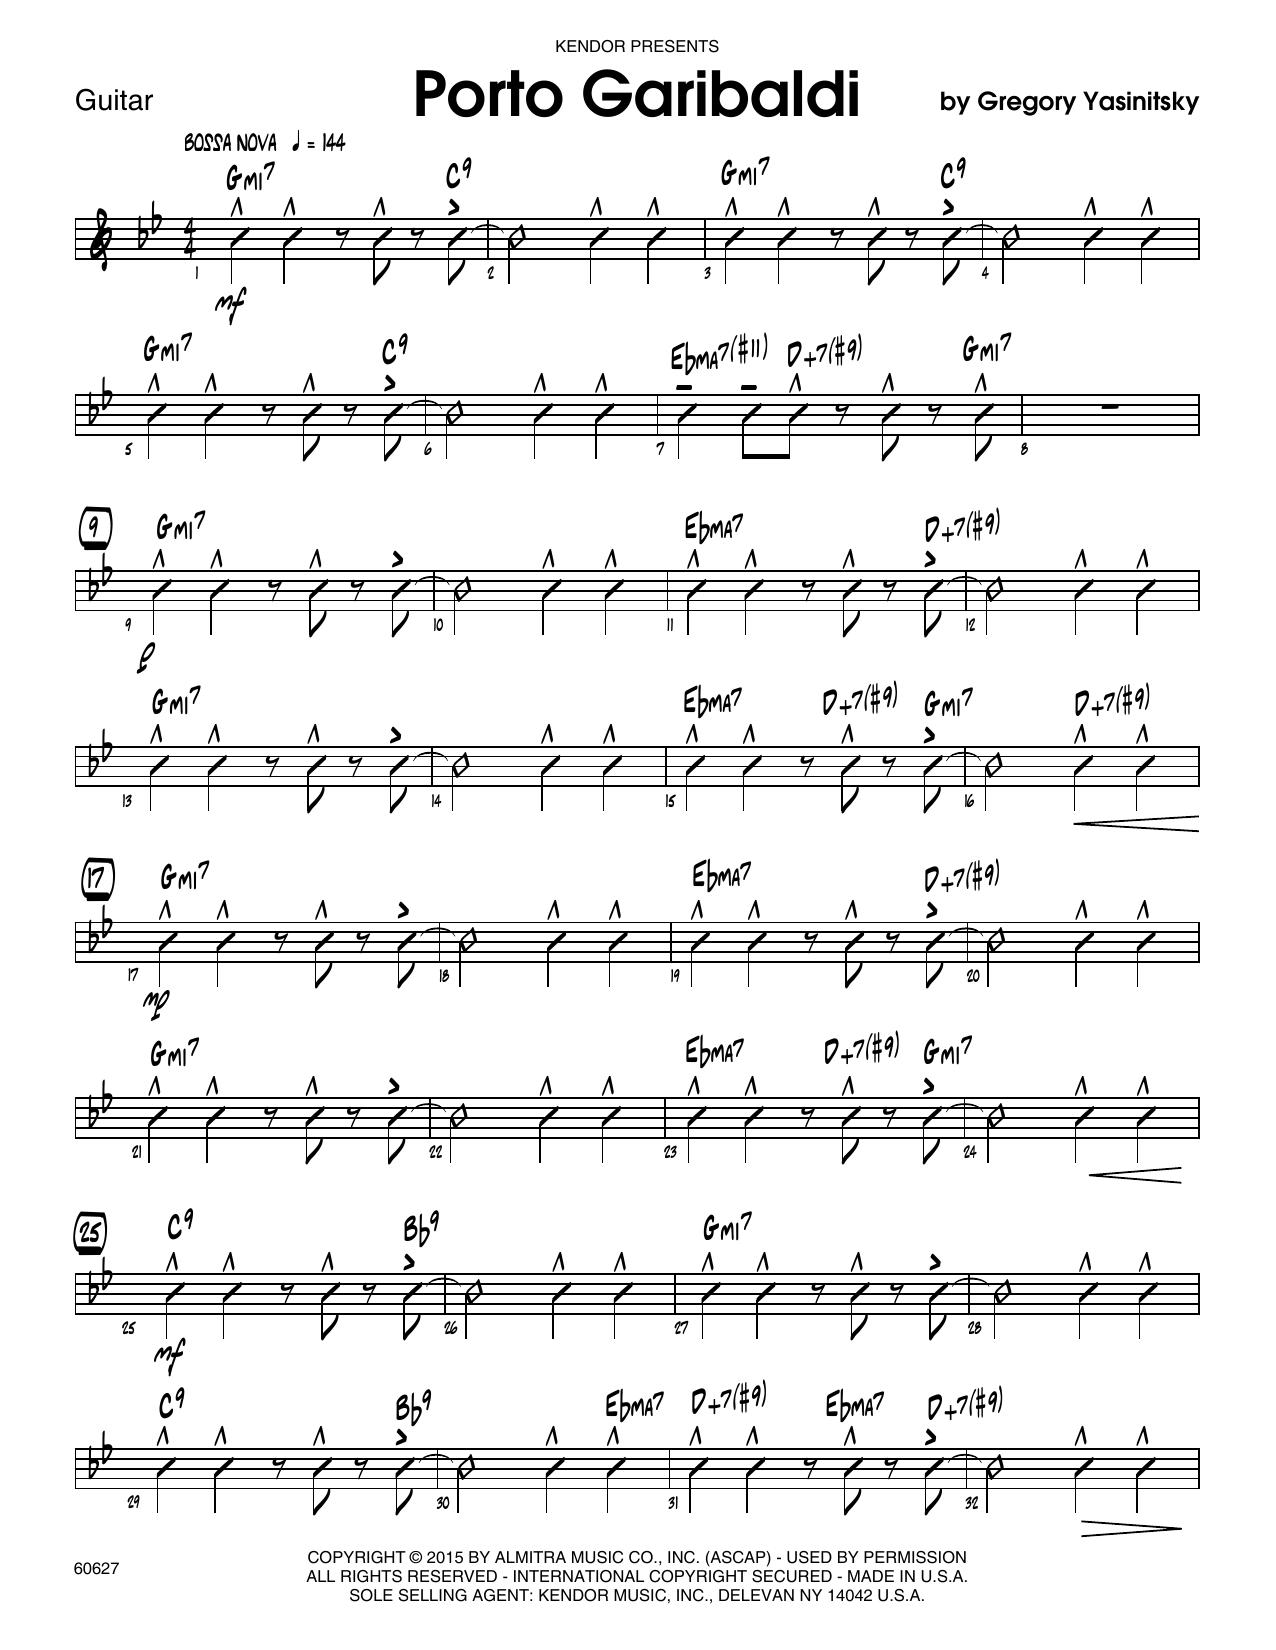 Porto Garibaldi - Guitar Sheet Music